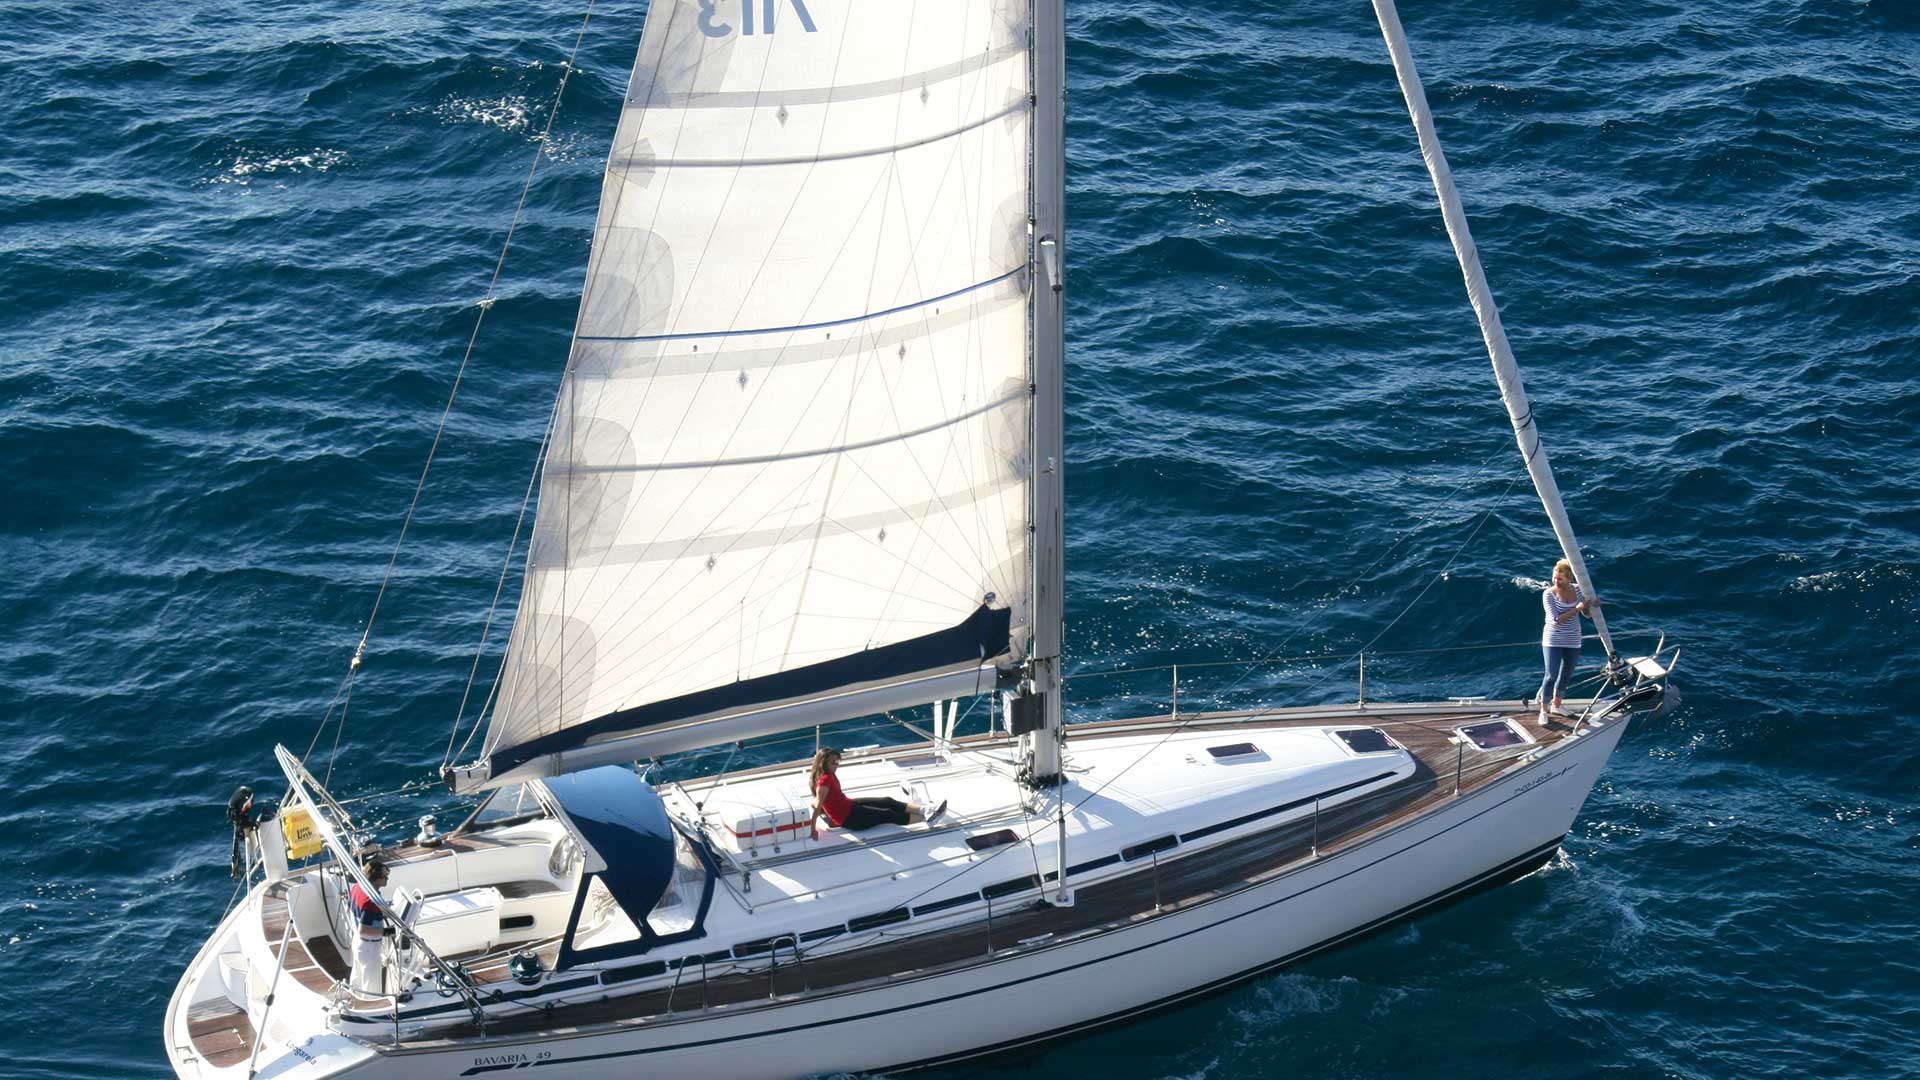 Imagen  Las Islas Baleares, el mejor destino para navegantes